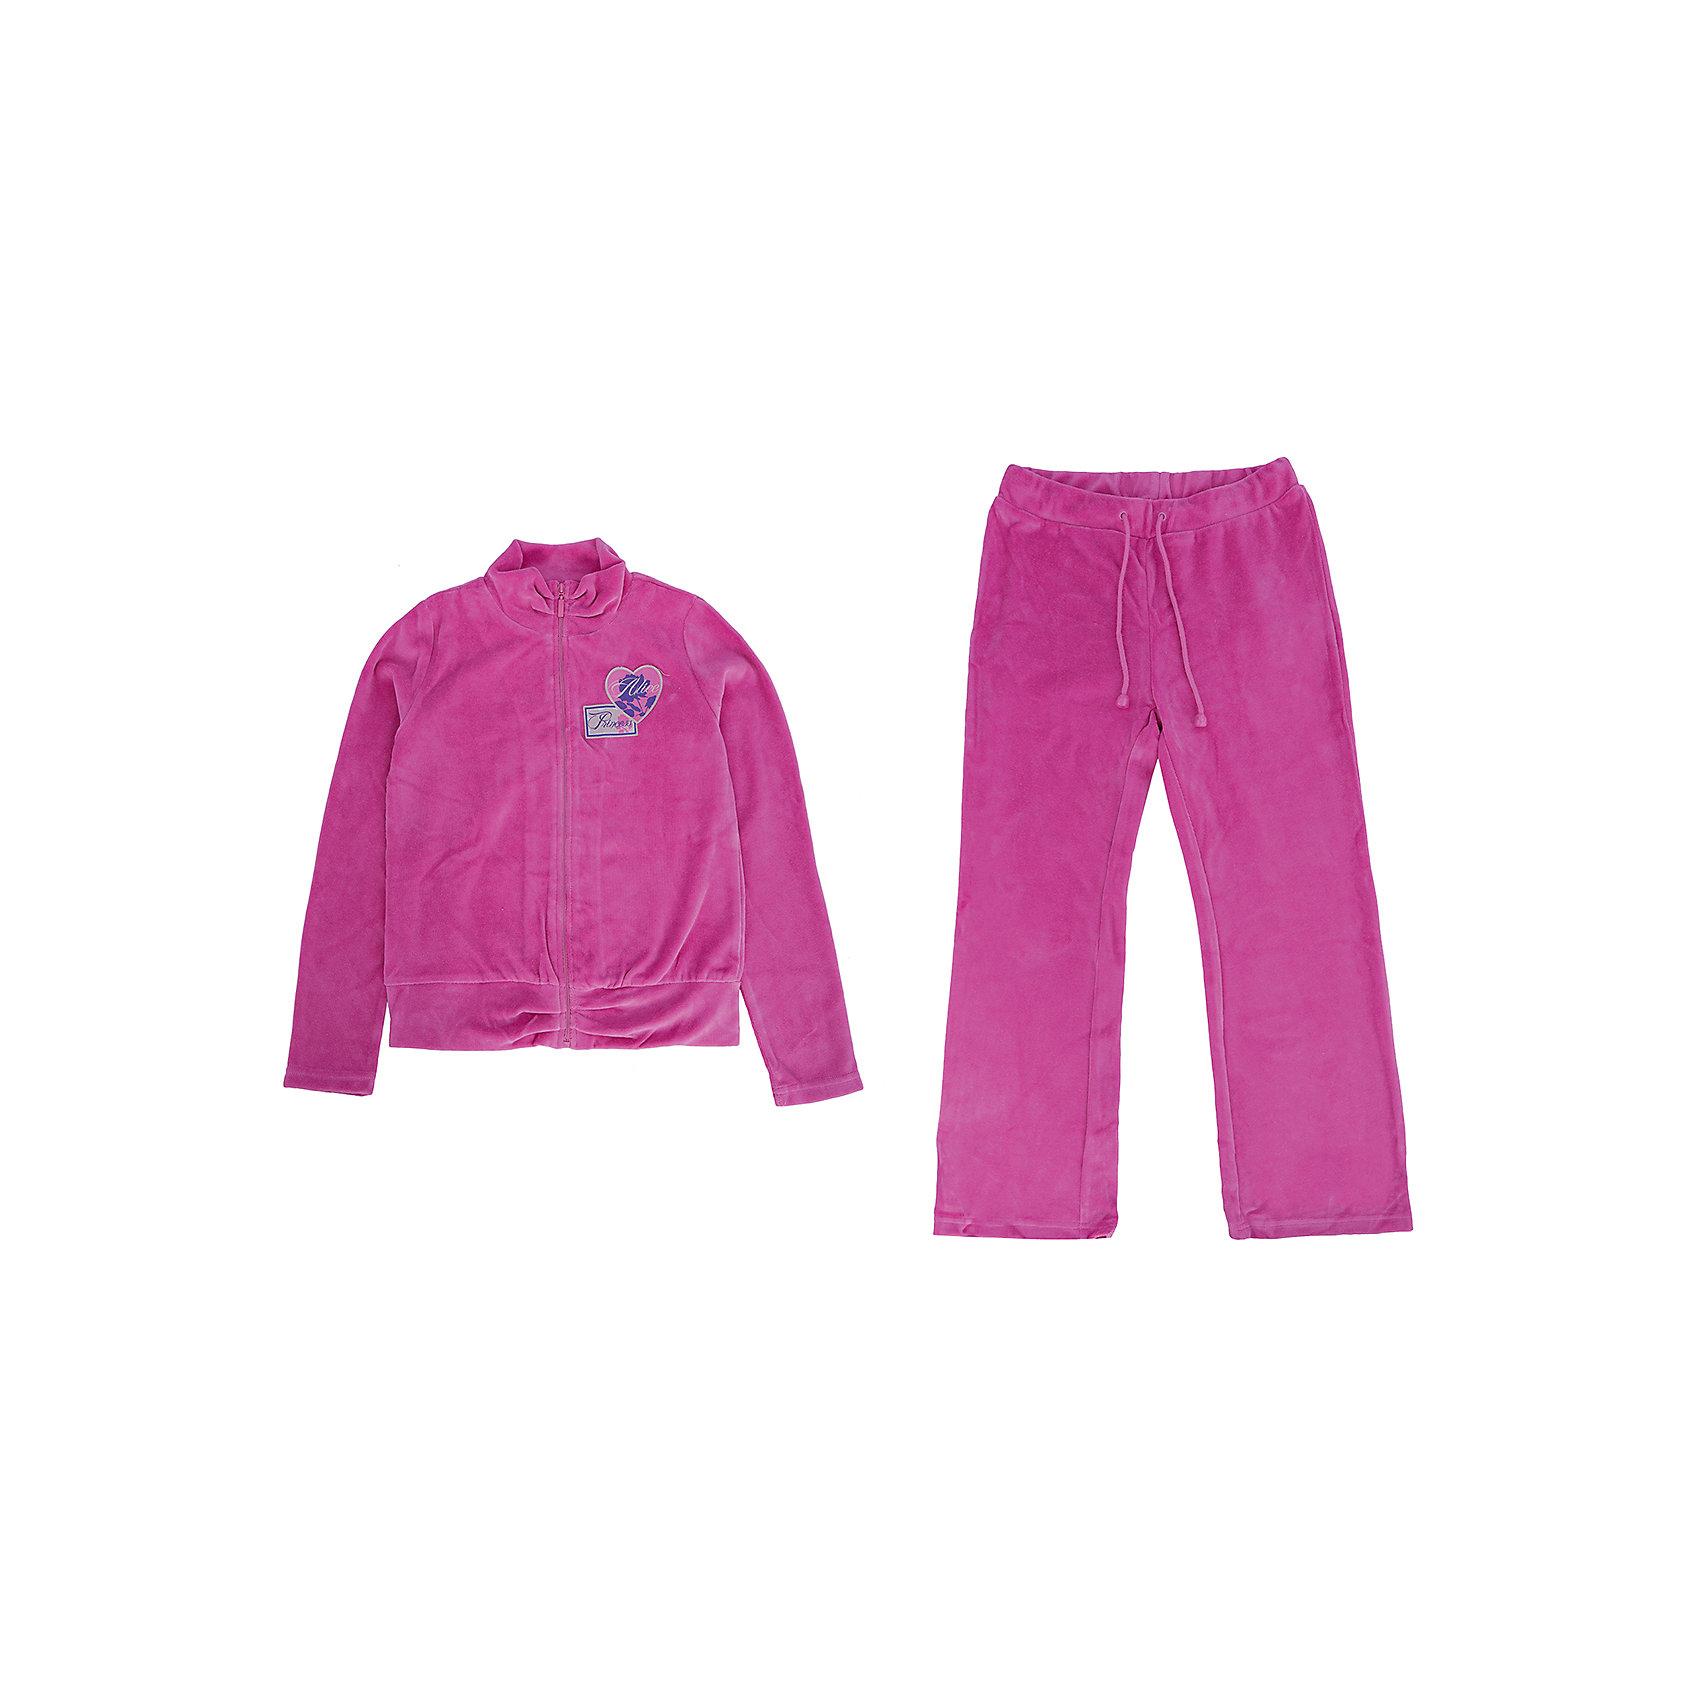 Комплект для девочки PELICANМодный велюровый комплект для девочки состоит из курточки и брюк. Удобные брюки и курточка в спортивном стиле помогут разнообразить летний гардероб ребенка, создать подходящий погоде ансамбль. Удобный крой и качественный материал обеспечат ребенку комфорт при ношении этих вещей. <br>Брюки очень стильно смотрятся благодаря актуальному в этом сезоне силуэту. Курточка украшена модной вышивкой. Материал - мягкий легкий велюр, отлично подходит для детской одежды, состоит преимущественно из дышащего натурального хлопка. Очень приятен на ощупь, не вызывает аллергии.<br><br>Дополнительная информация:<br><br>материал: 80% хлопок, 20% полиэстер;<br>цвет: фиолетовый;<br>курточка украшена вышивкой, на молнии.<br><br>Комплект для девочки от бренда PELICAN (Пеликан) можно купить в нашем магазине.<br><br>Ширина мм: 215<br>Глубина мм: 88<br>Высота мм: 191<br>Вес г: 336<br>Цвет: фиолетовый<br>Возраст от месяцев: 108<br>Возраст до месяцев: 120<br>Пол: Женский<br>Возраст: Детский<br>Размер: 140,146,134,128,122,116<br>SKU: 4804938